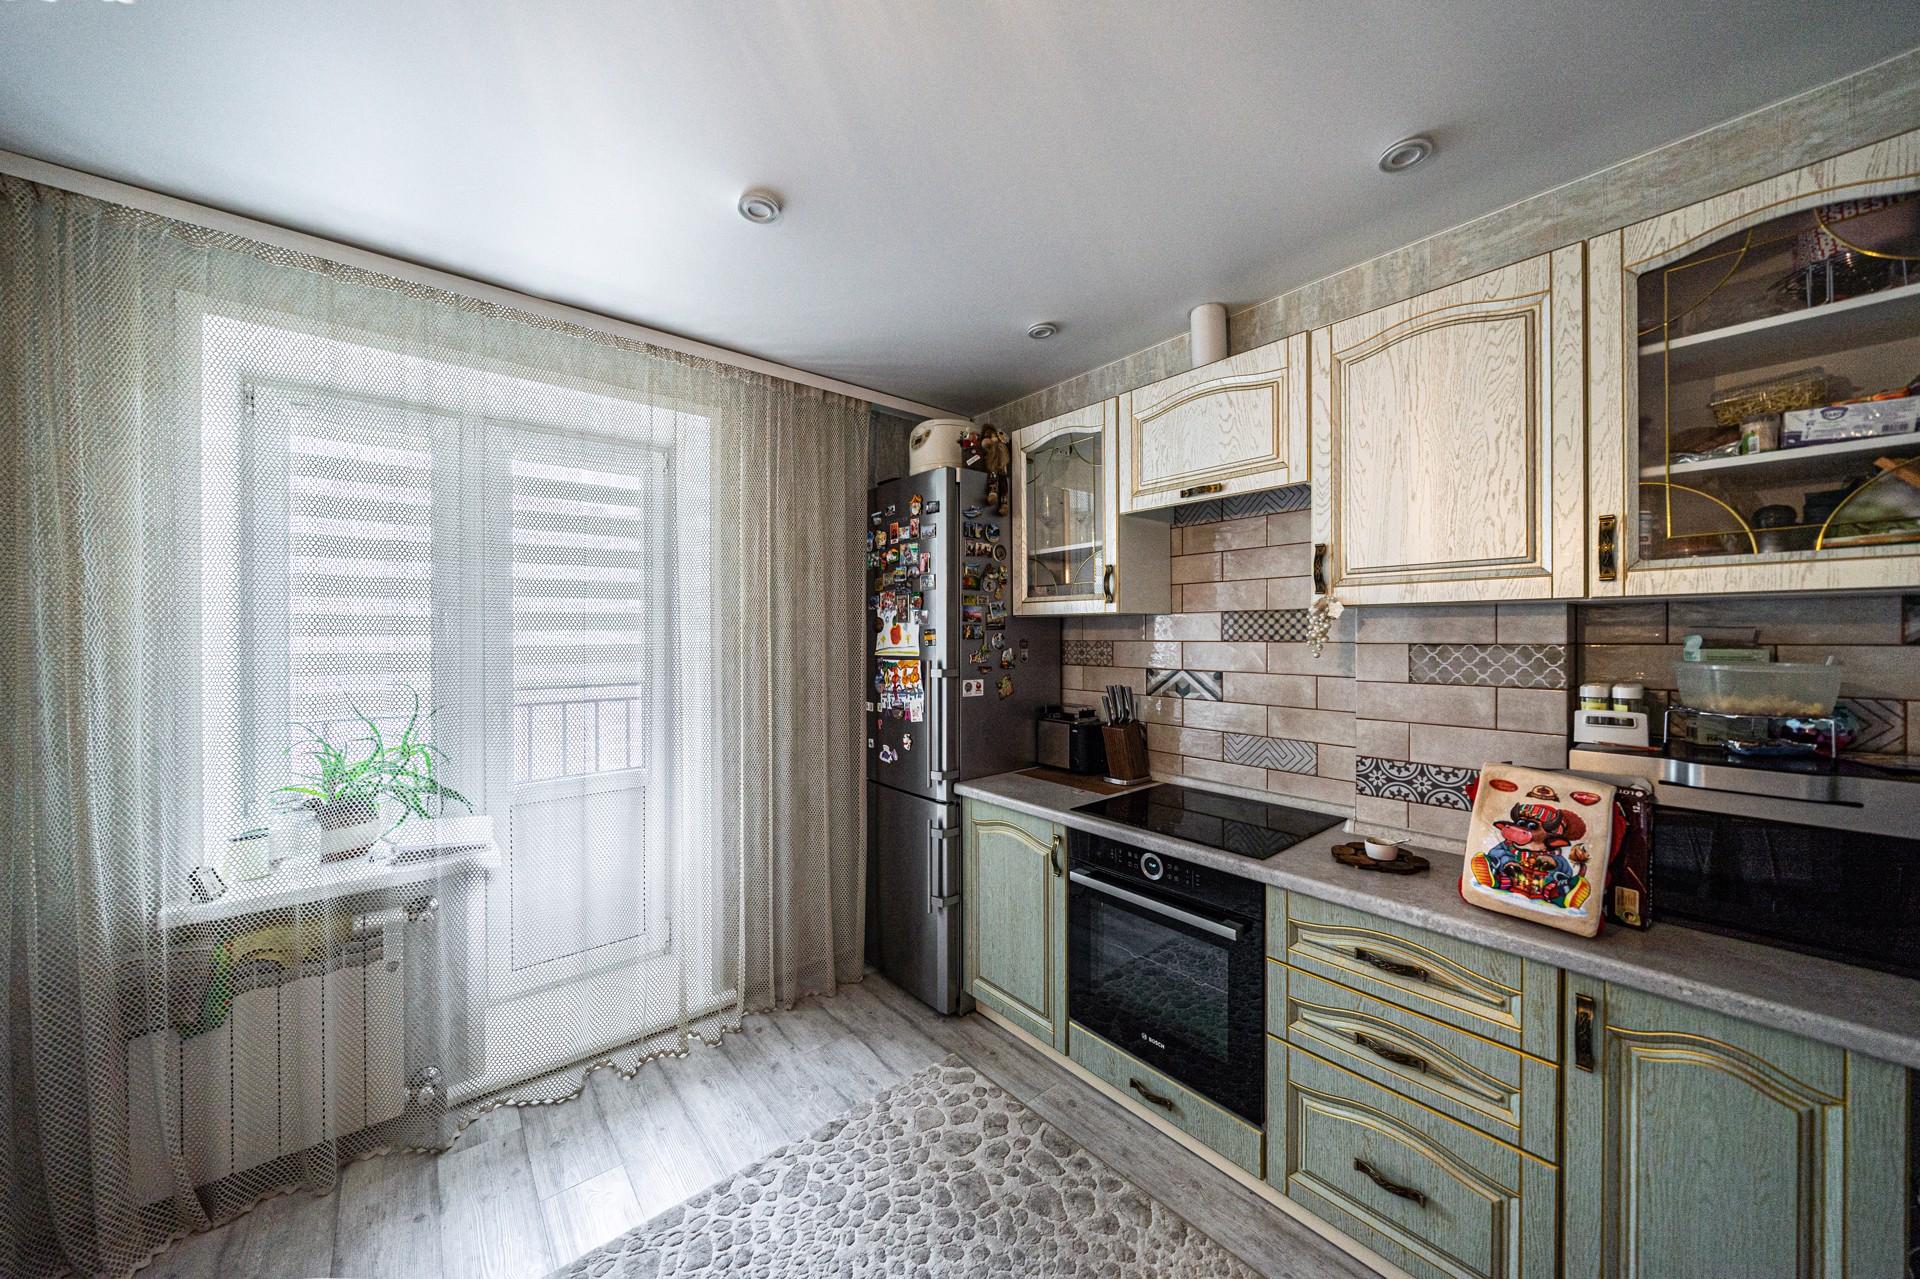 Продажа 3-к квартиры, Липецк, улица Артёмова, 5, 96 м², 5970000 ₽